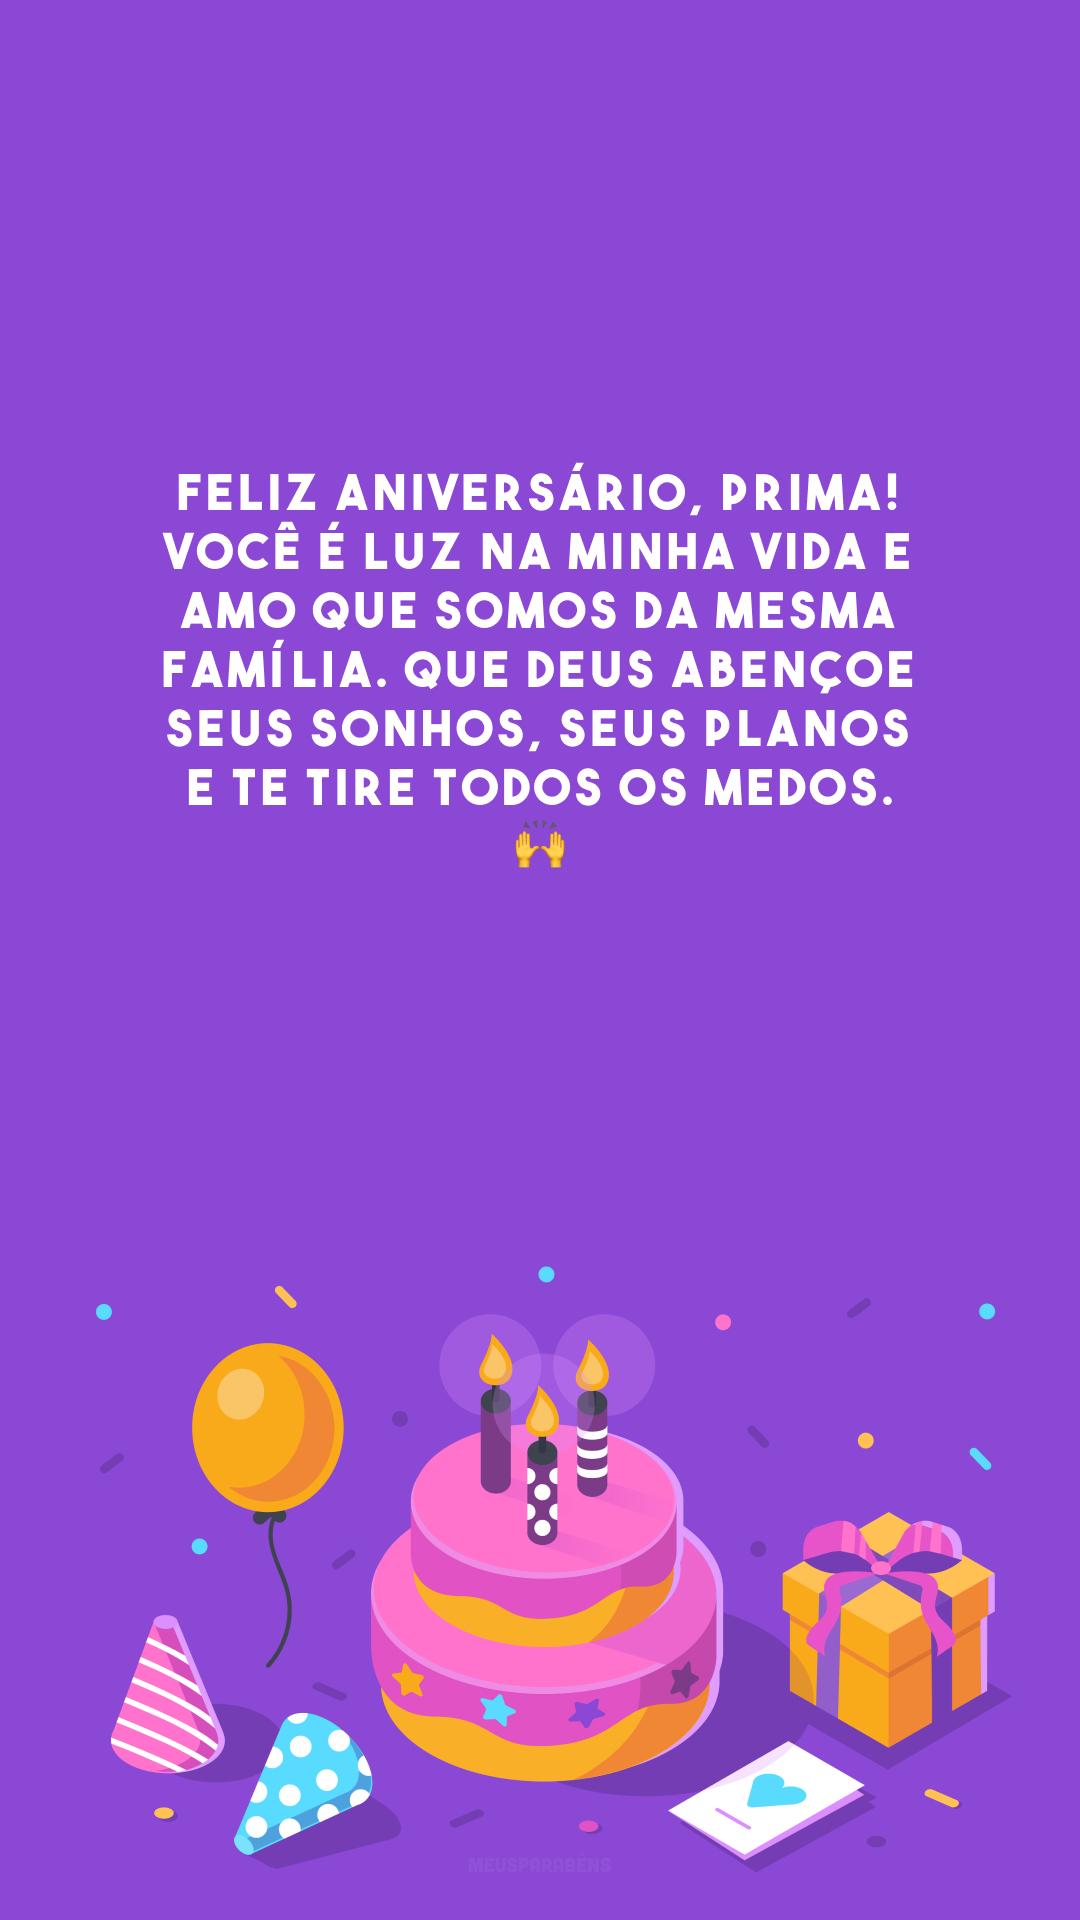 Feliz aniversário, prima! Você é luz na minha vida e amo que somos da mesma família. Que Deus abençoe seus sonhos, seus planos e te tire todos os medos. 🙌